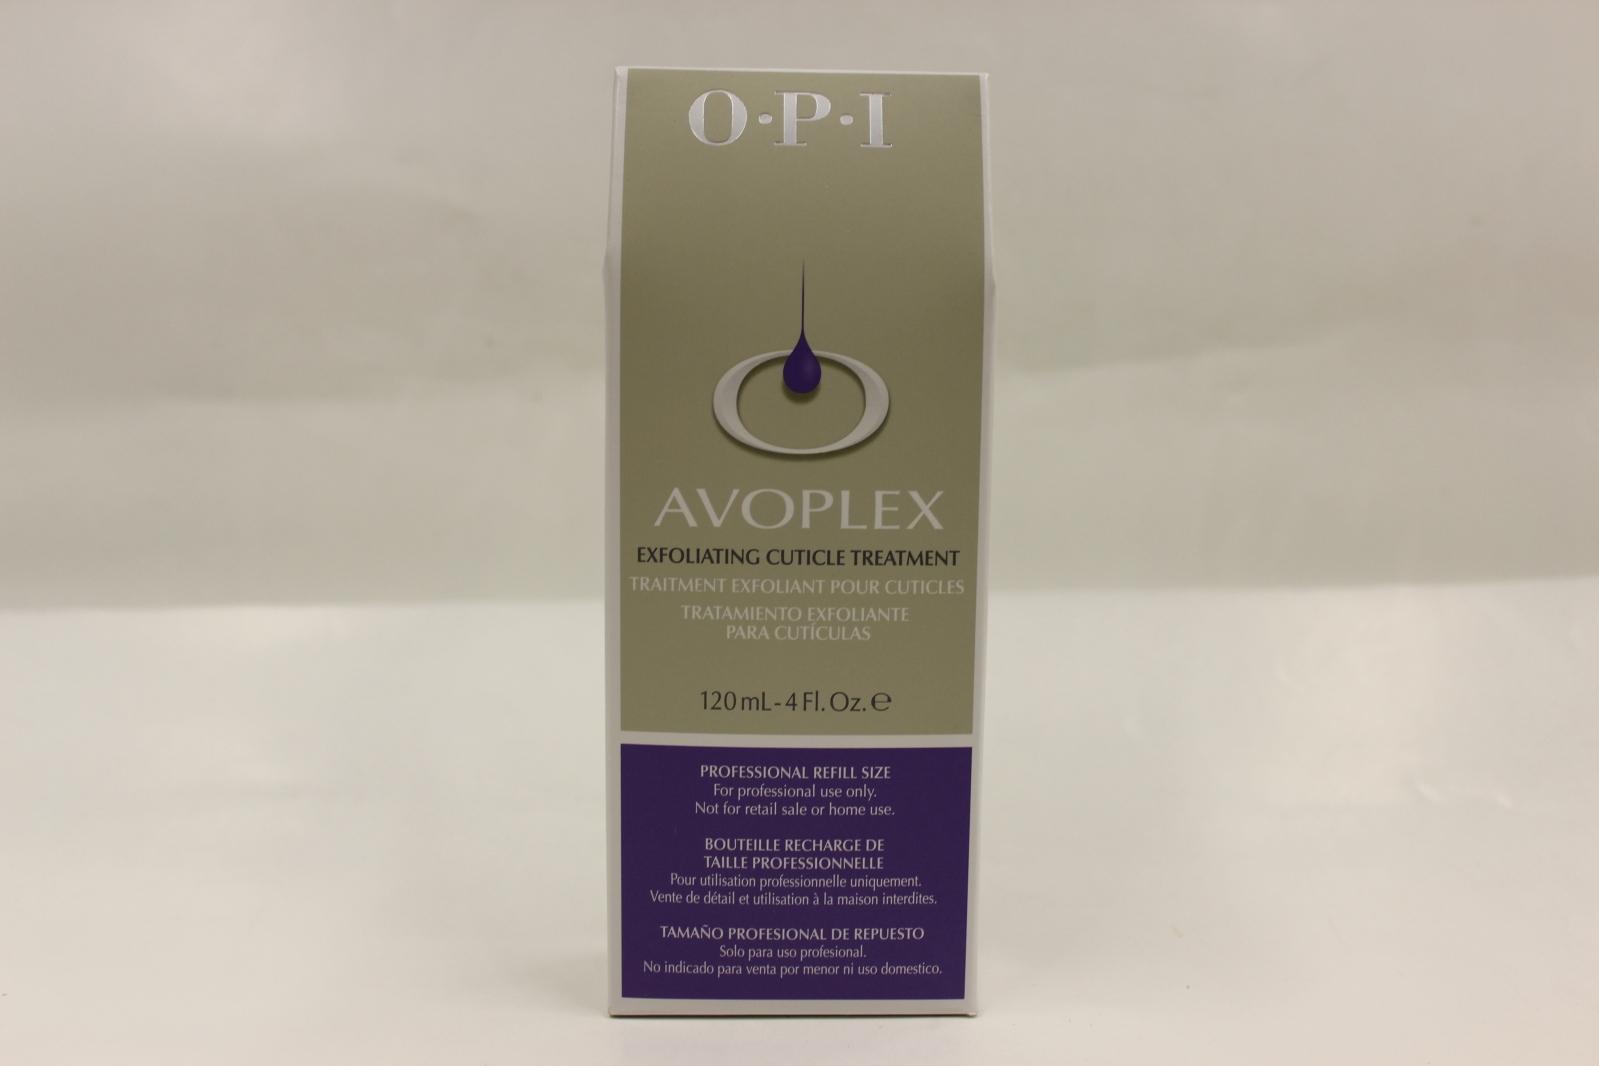 Opi avoplex treatment 0215  1